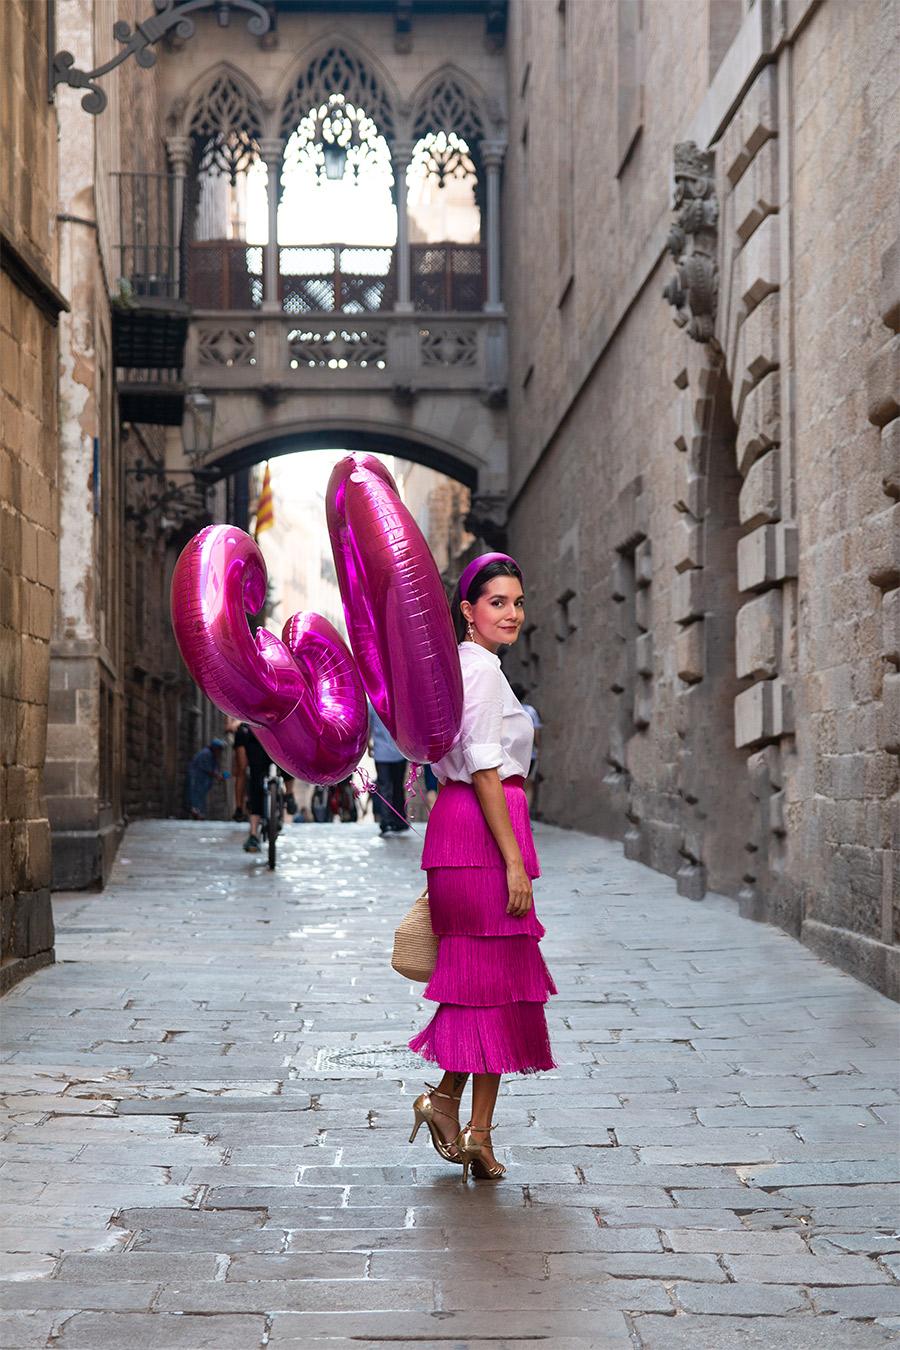 Ideas-de-fotos-de-cumpleaños,-fotos-en-Barcelona,-photoshoot-en-el-barrio-gotico-de-barcelona,-ideas-de-fotos-de-30-años